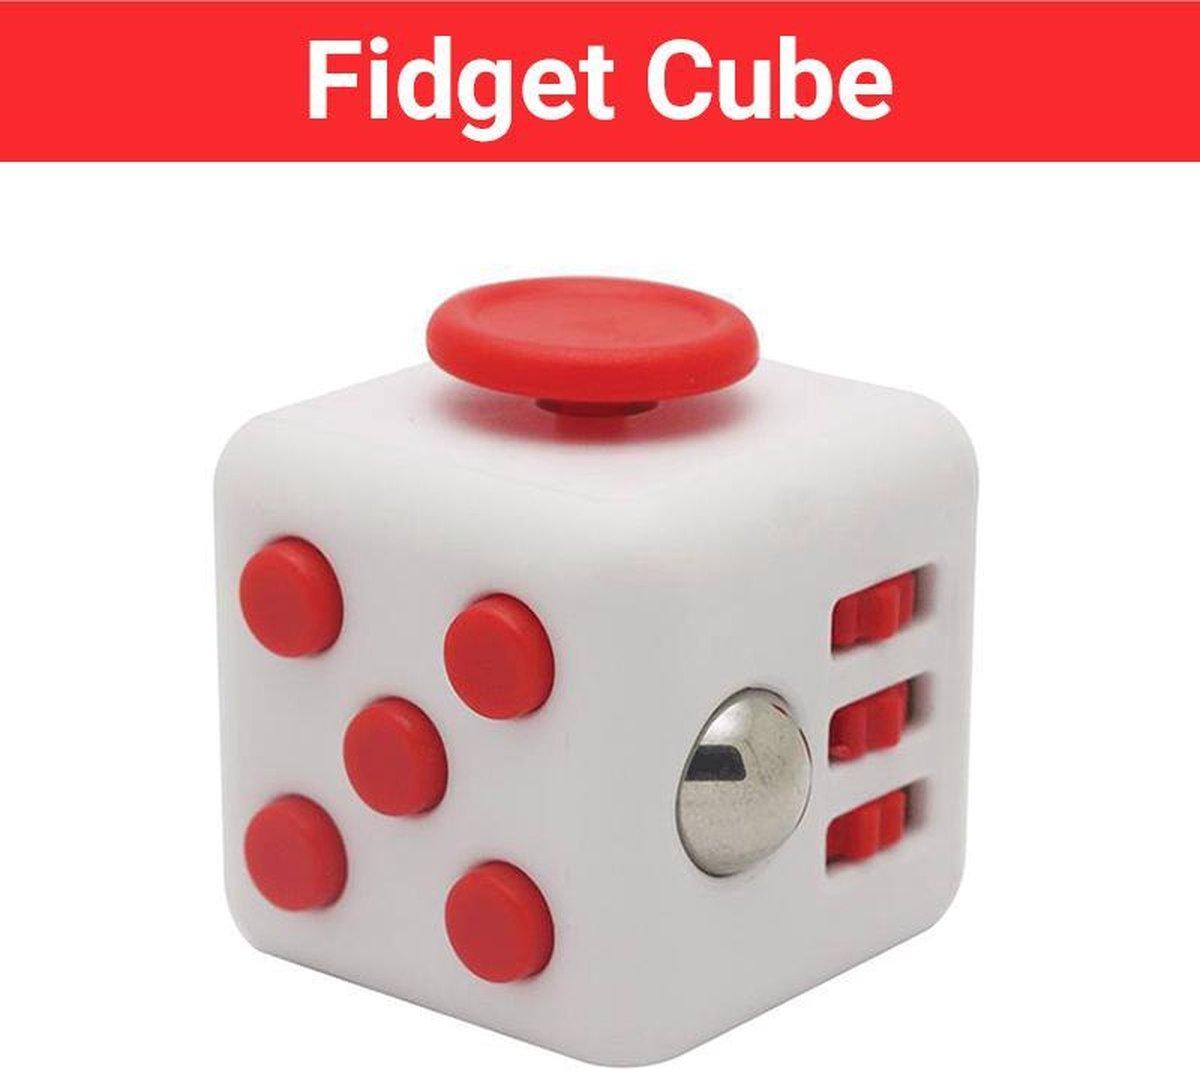 """Fidget Cube """"Wit-Rood"""" - Fidgets - Anti Stress Speelgoed Meisjes - HSP - Hooggevoeligheid"""